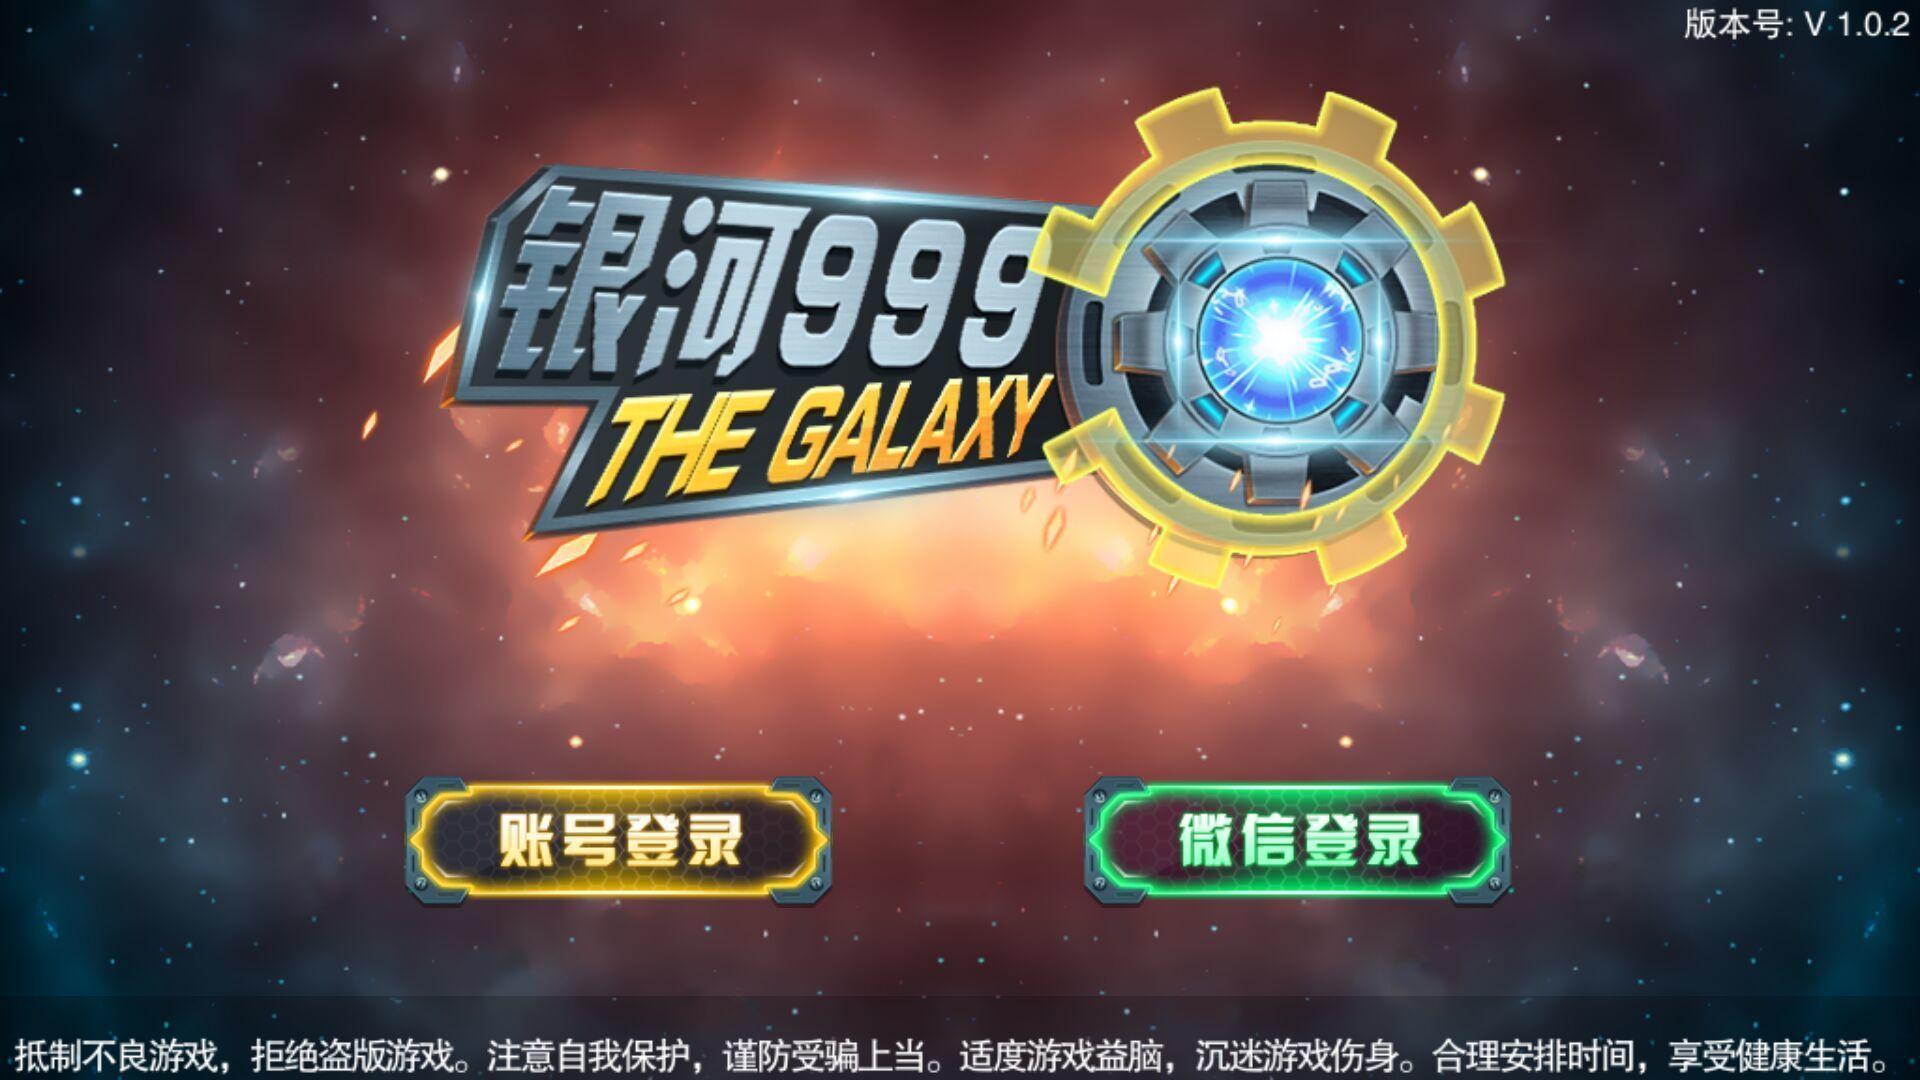 银河999游戏